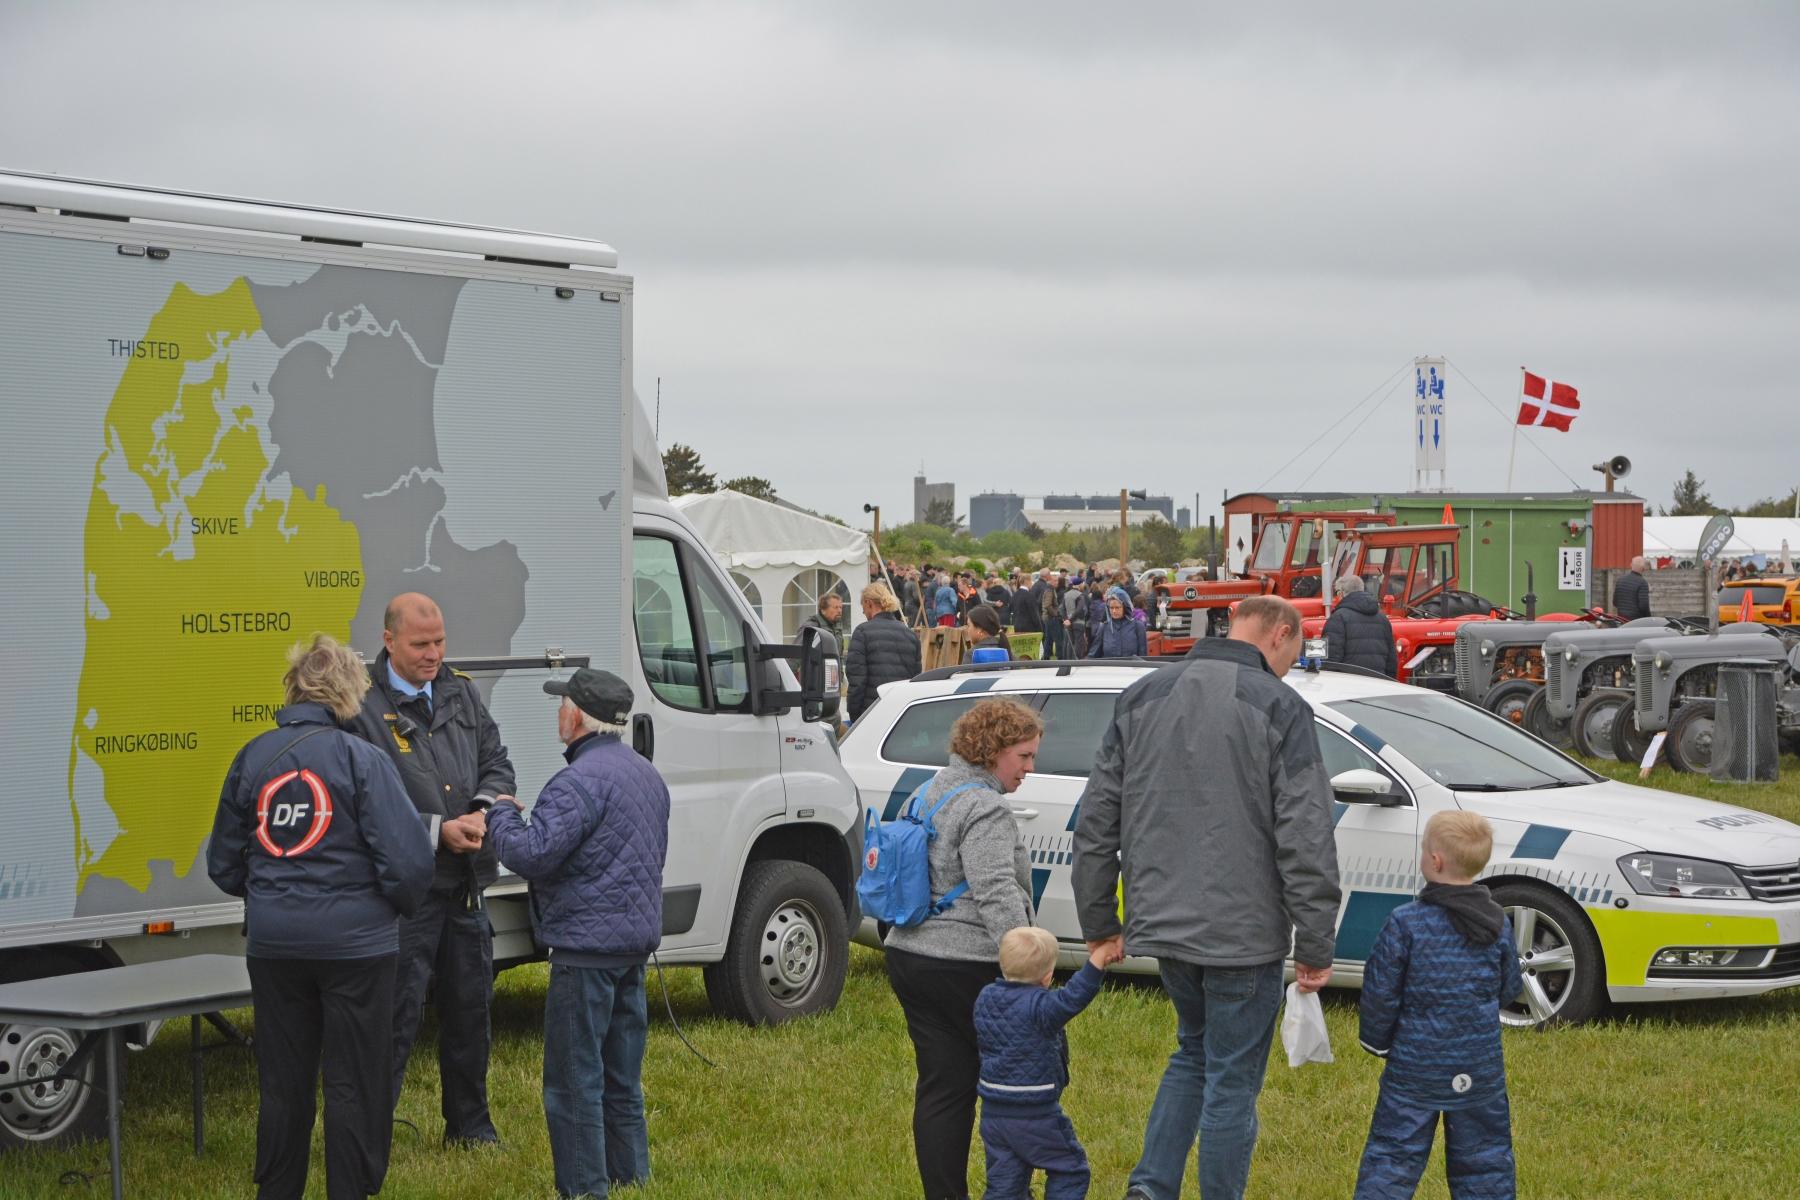 Den mobile politistation havde stort besøg